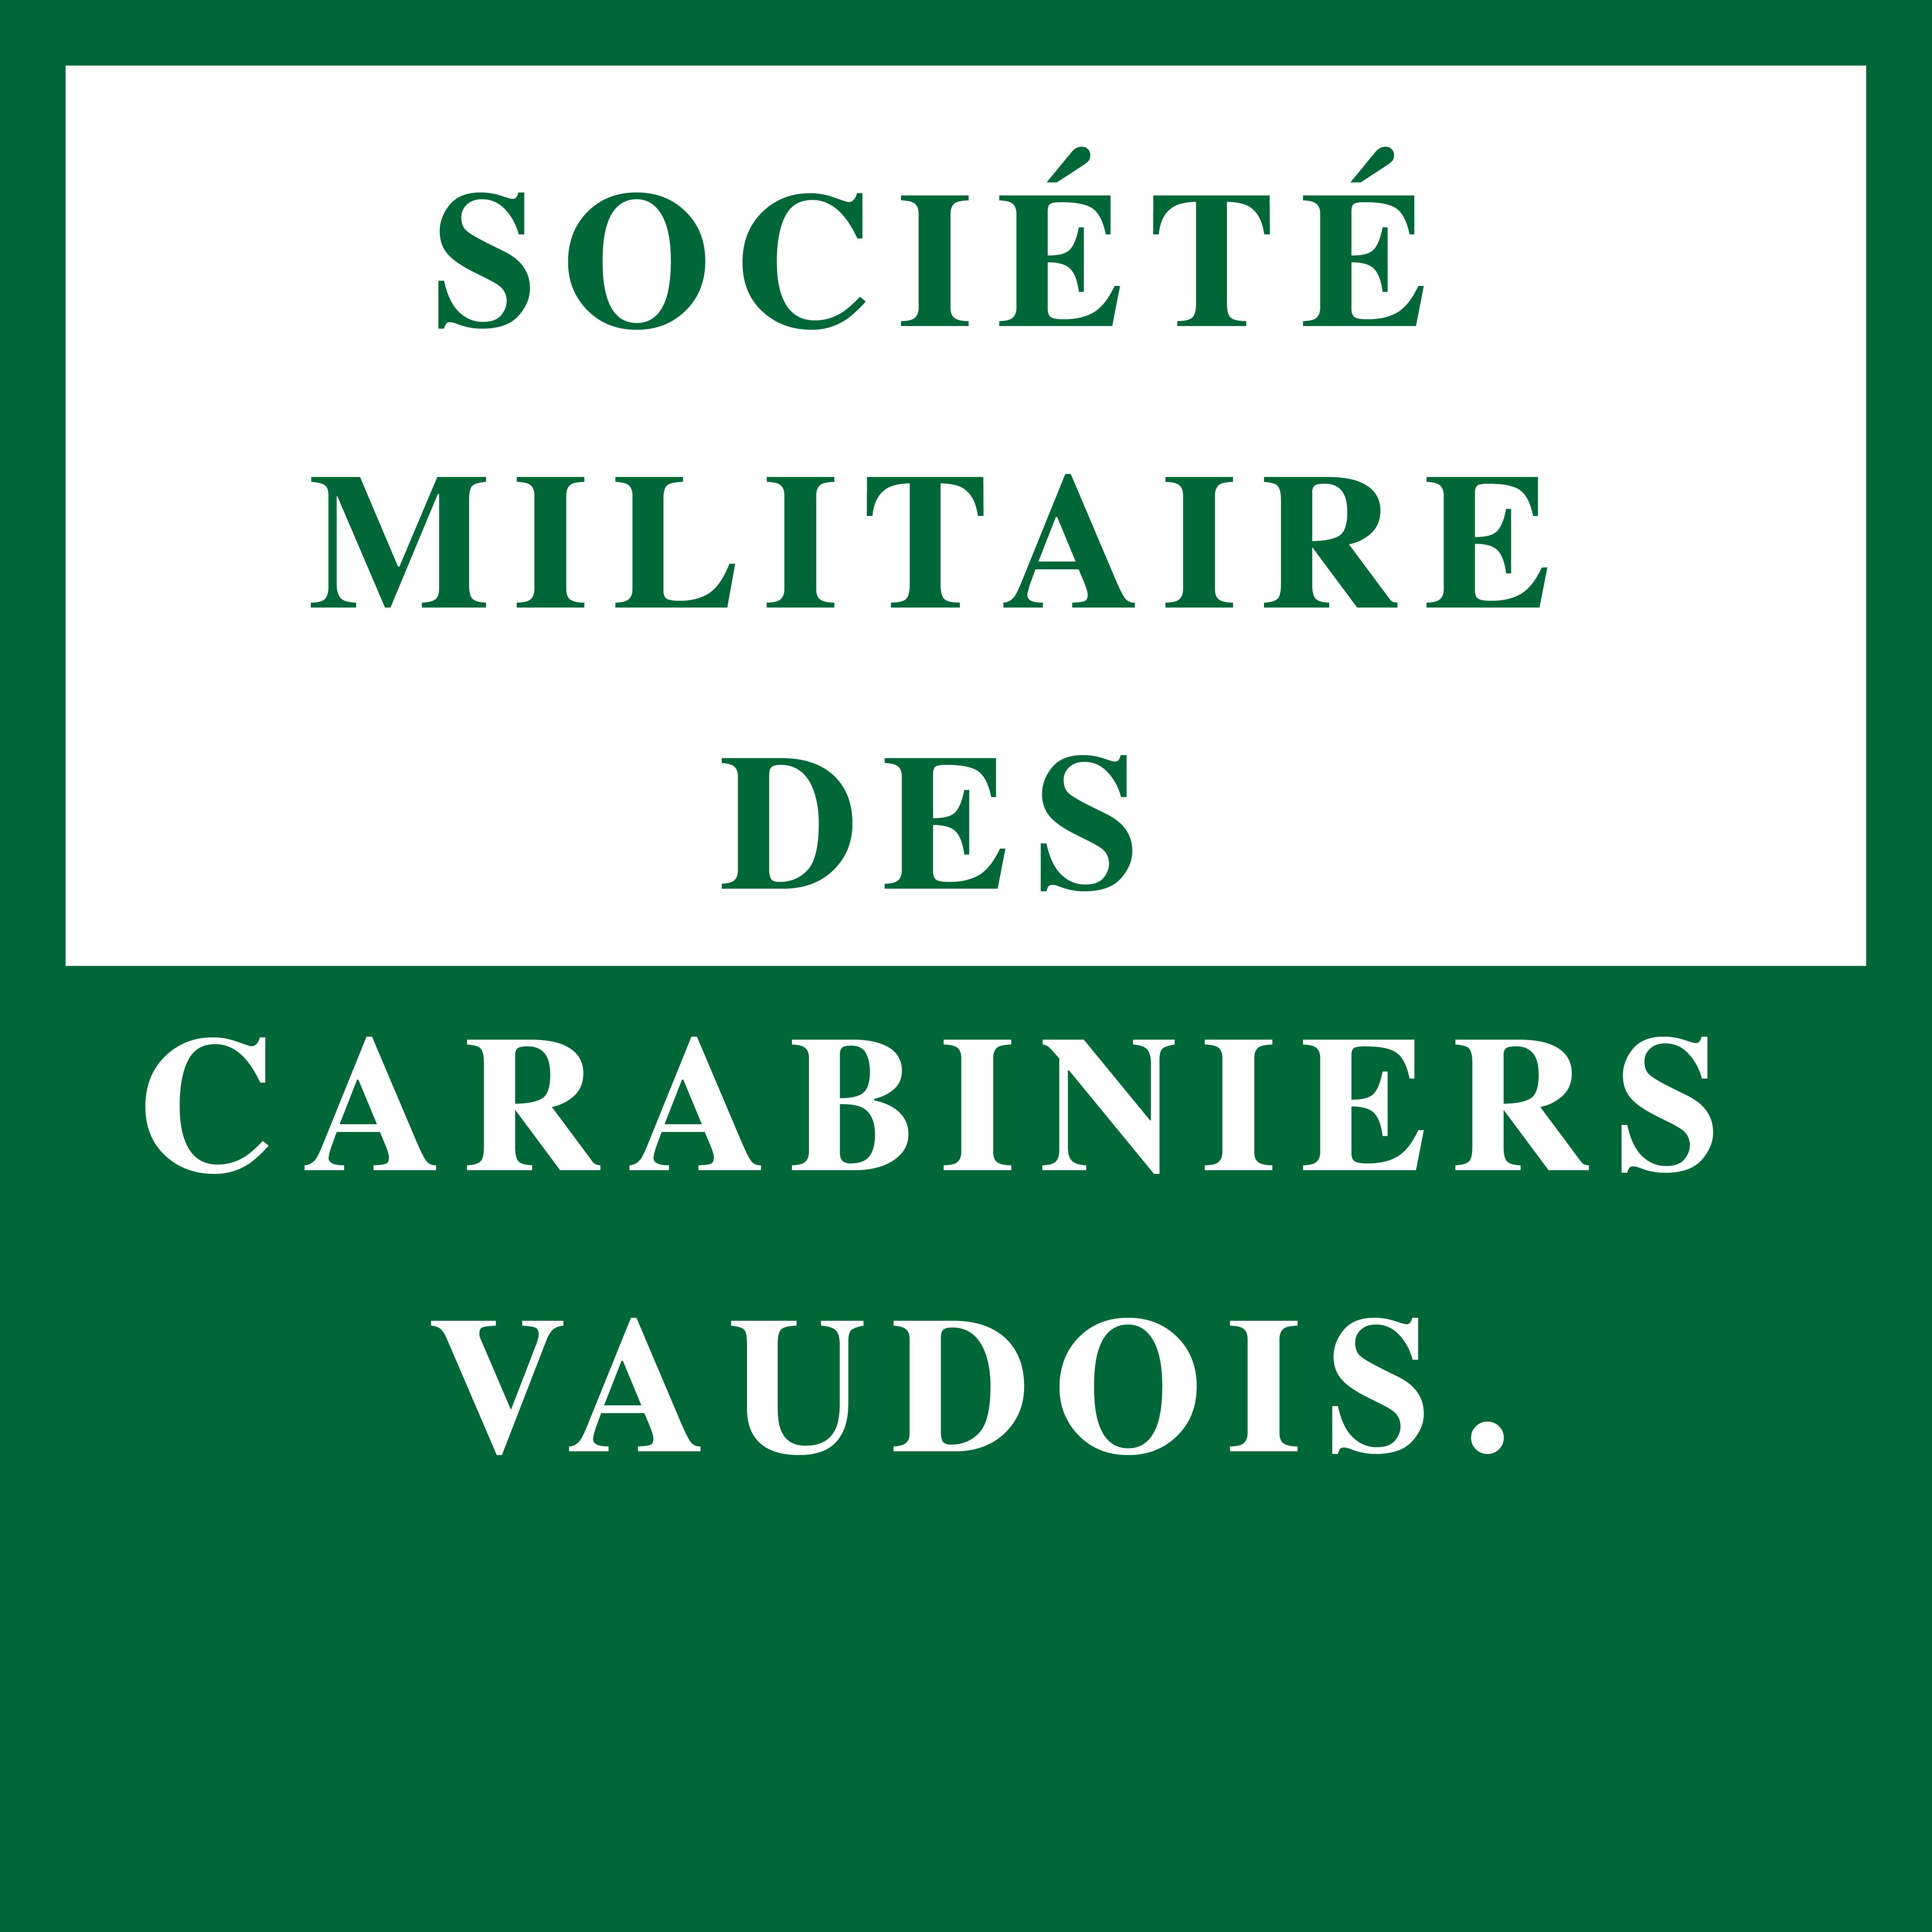 Société Militaire des carabiniers vaudois